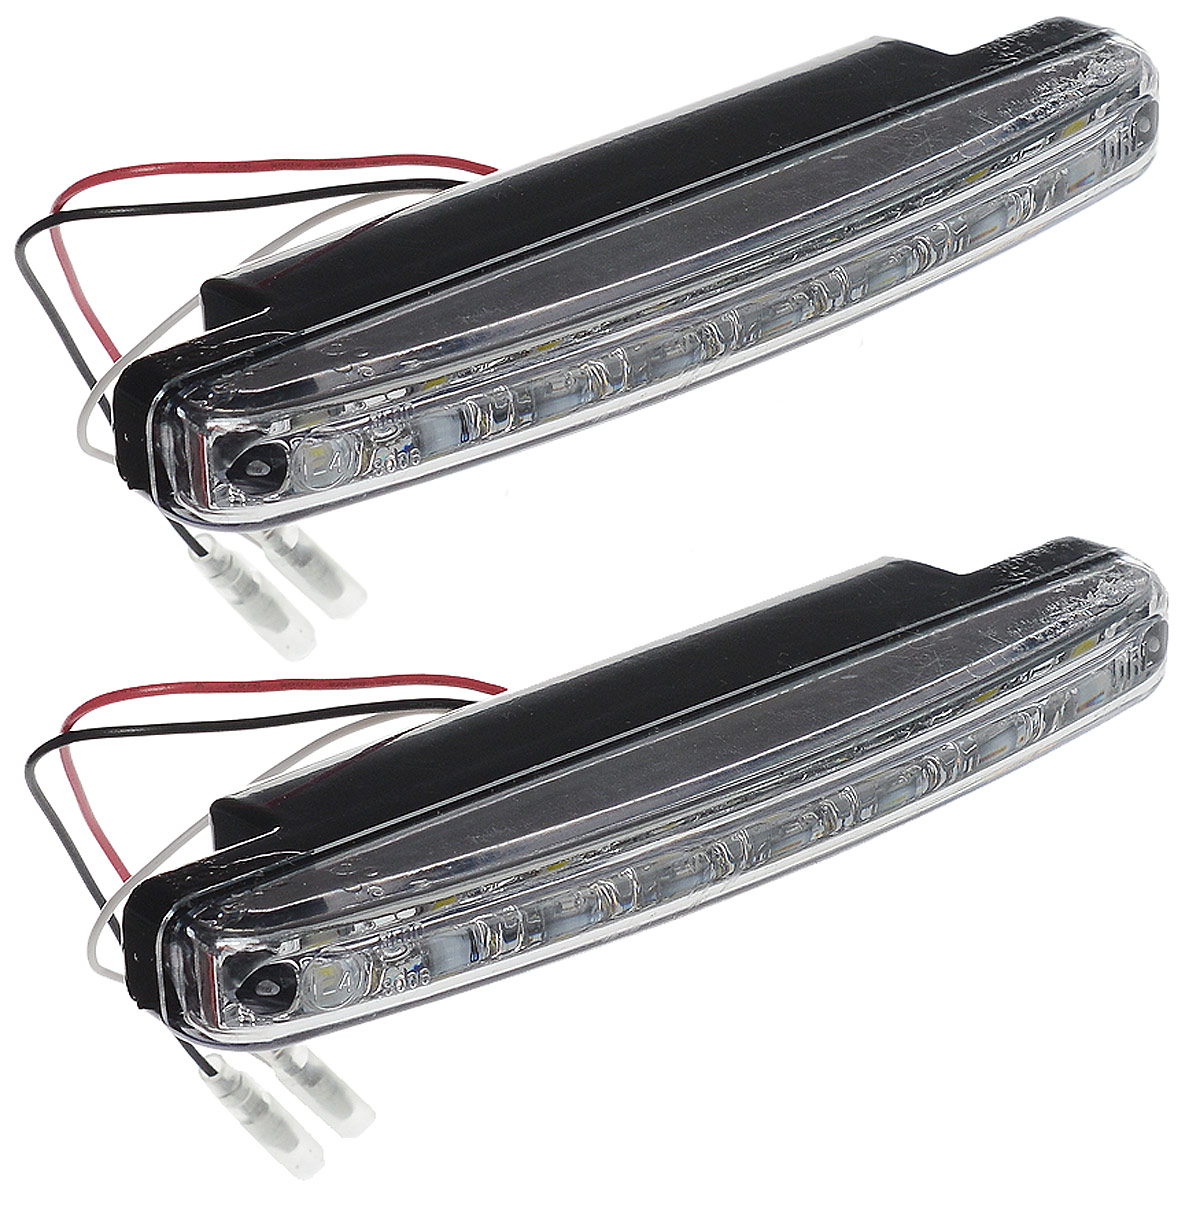 Дневные ходовые огни AVS DL-8S, 2 шт43477Дневные ходовые огни AVS DL-8S - это лампы грузового или легкового автомобиля, используемые для повышения видимости автотранспортного средства в дневное время.Напряжение: 12 В.Мощность: 2,4 Вт х 2.Количество светодиодов: 8 х 2.Модель светодиода: Epistar (SMD 5050 0.3W).Температура свечения: 5000 К.Общий световой поток: 240 Лм.IP защита: 55.